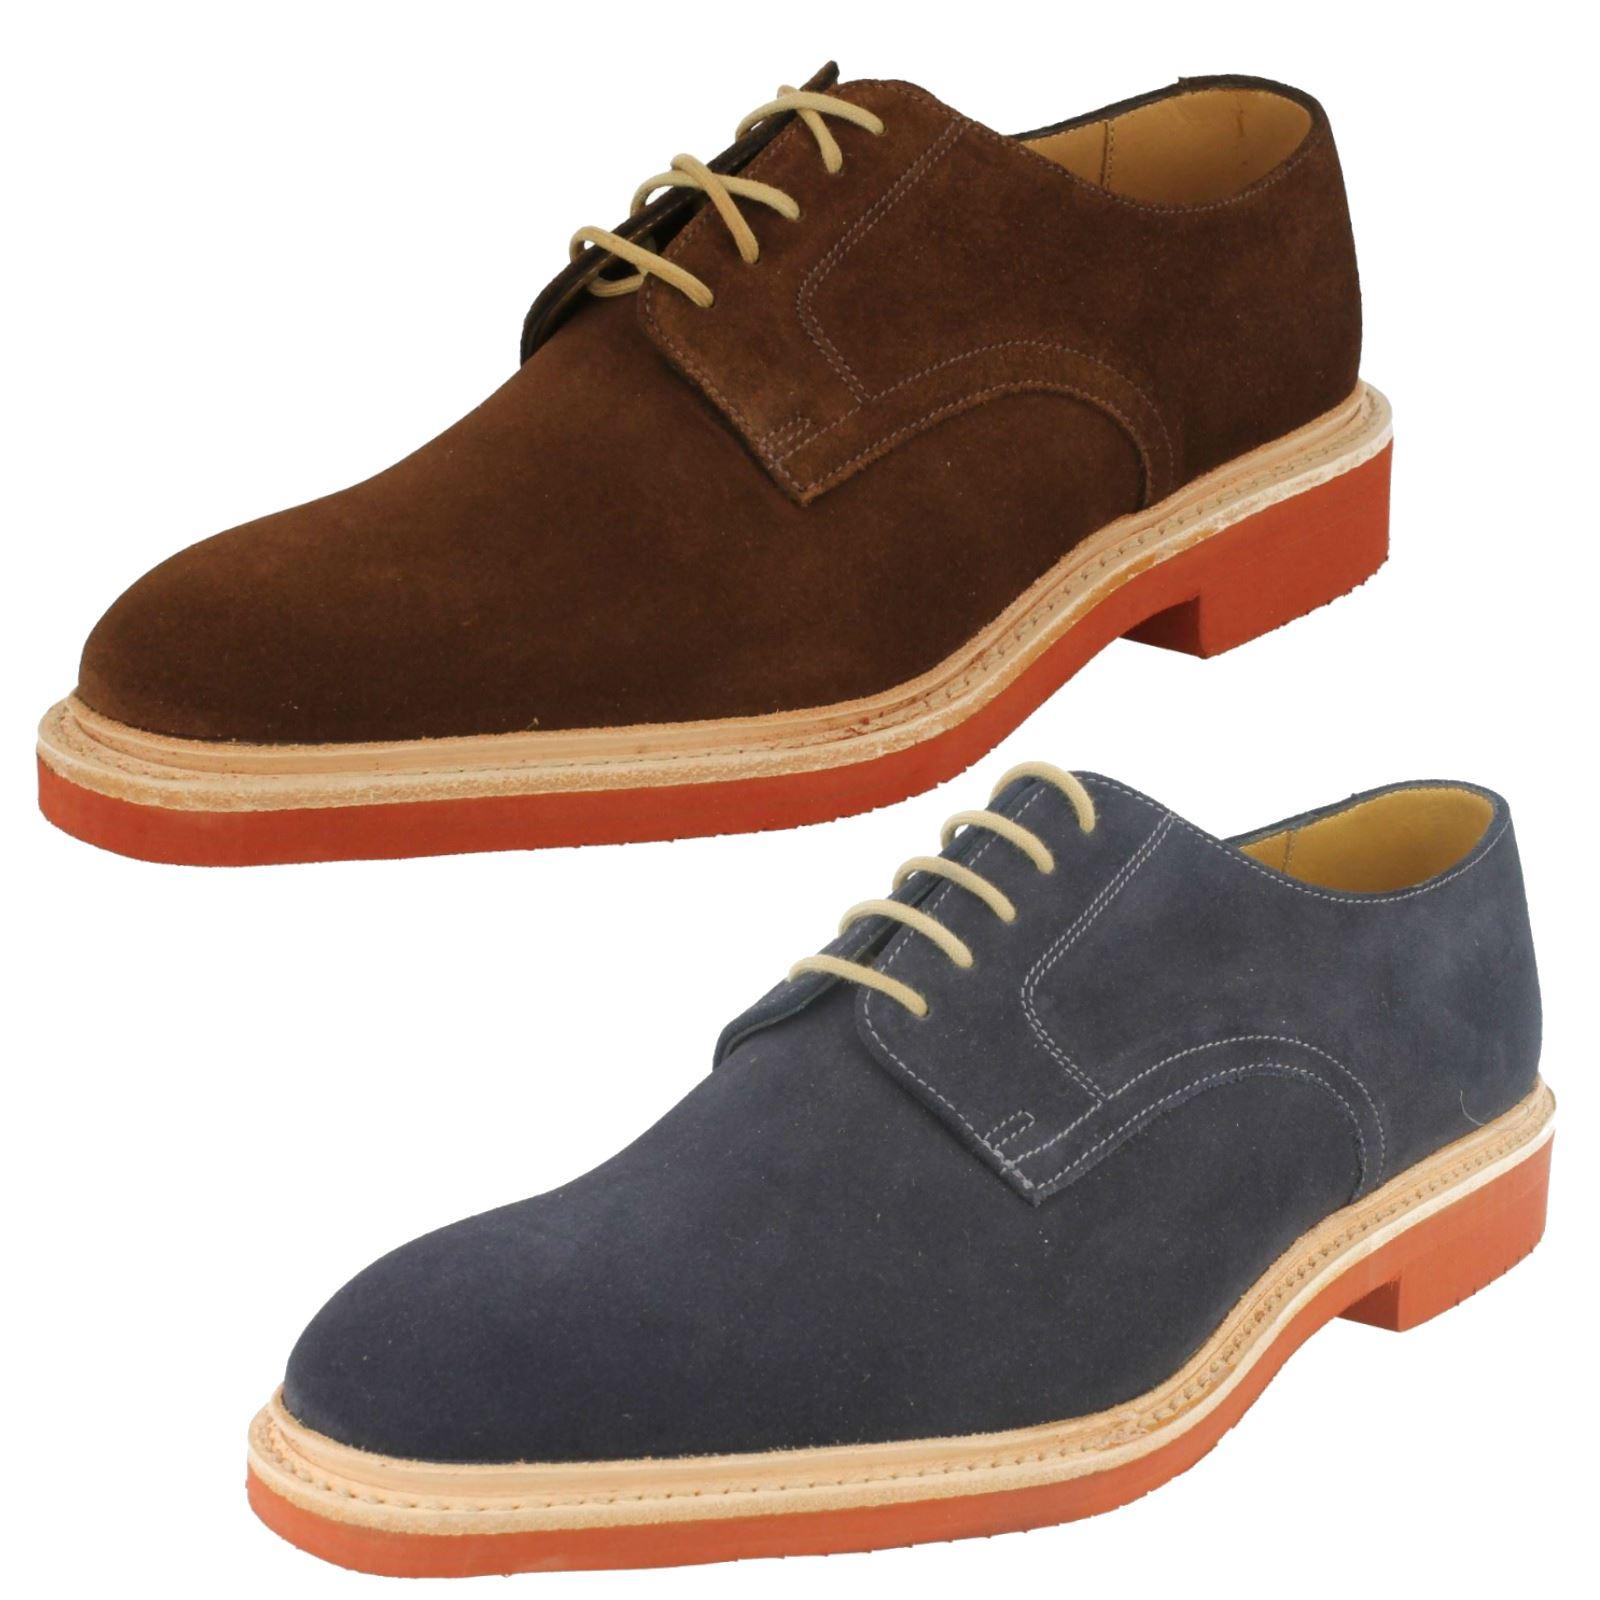 Mens Loake Smart/Casual Shoes 'Morrison